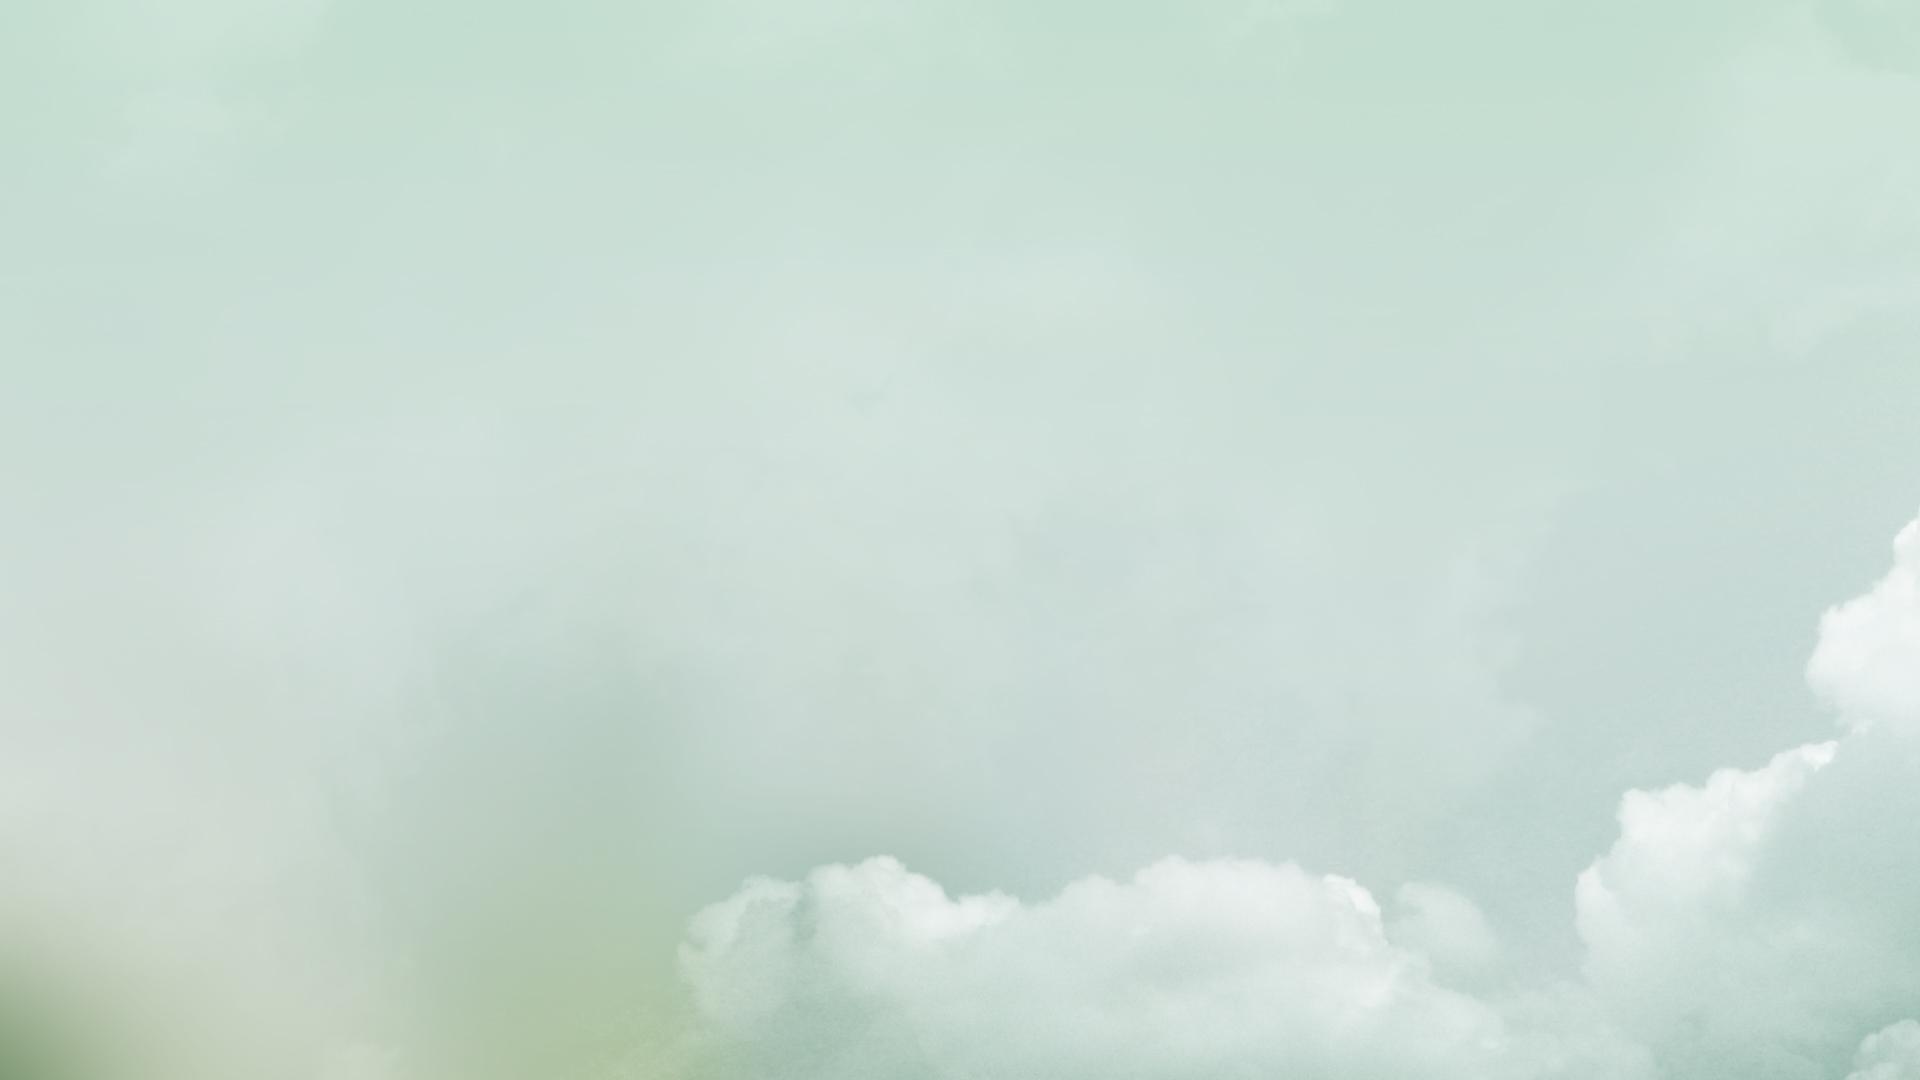 minimalist wallpaper 5746